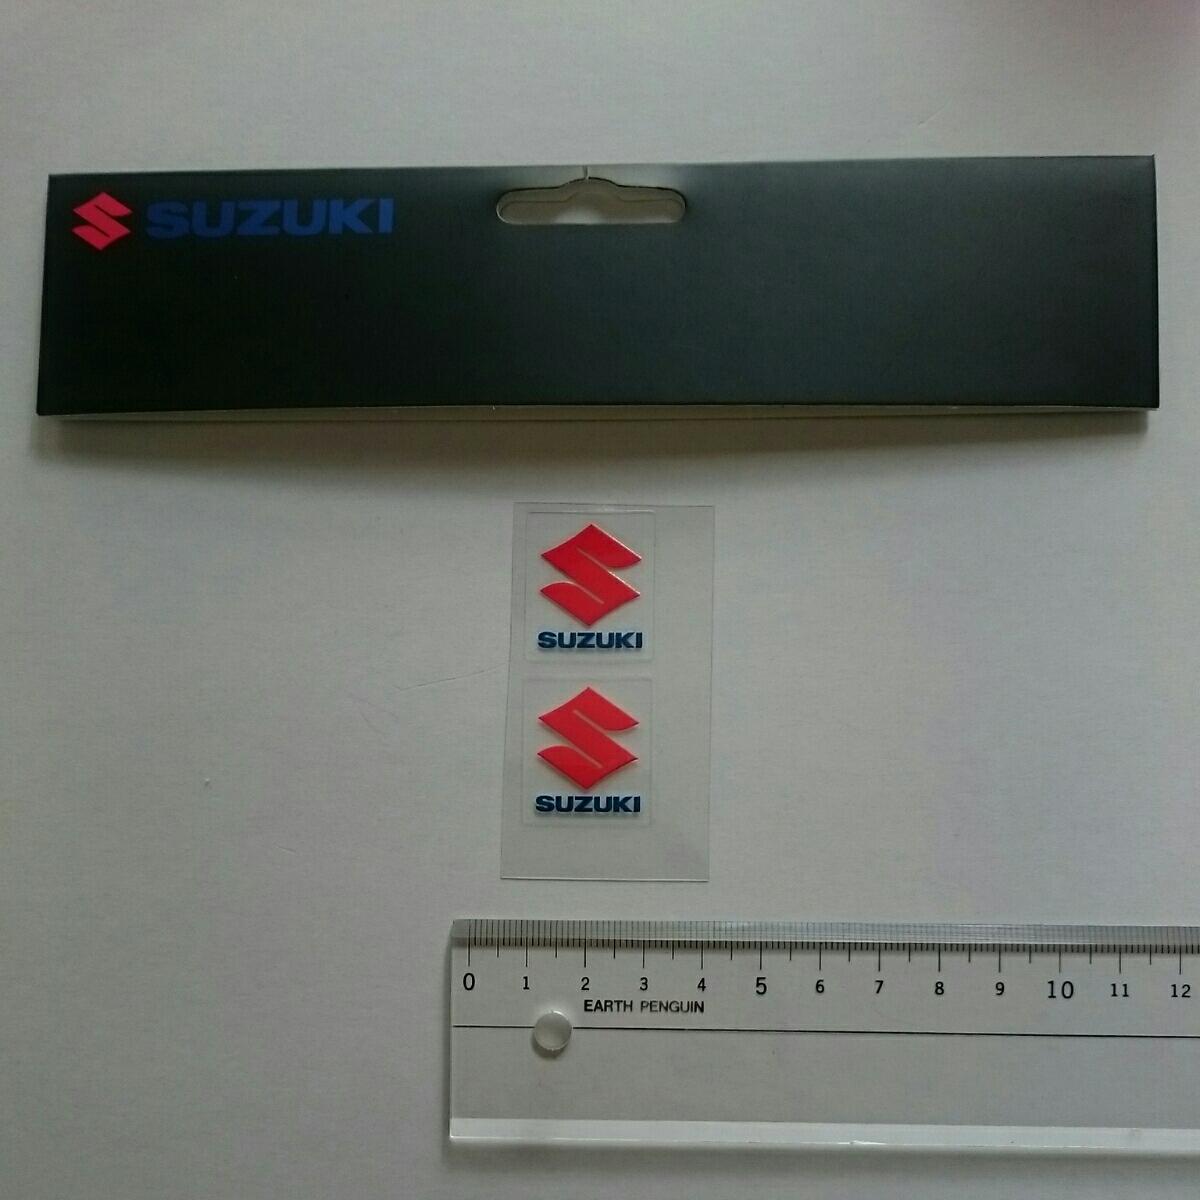 ばら売り・スズキ・純正・ヨーロッパ向け・SUZUKI・CIマーク大の小サイズ・ステッカー・2枚  _画像1